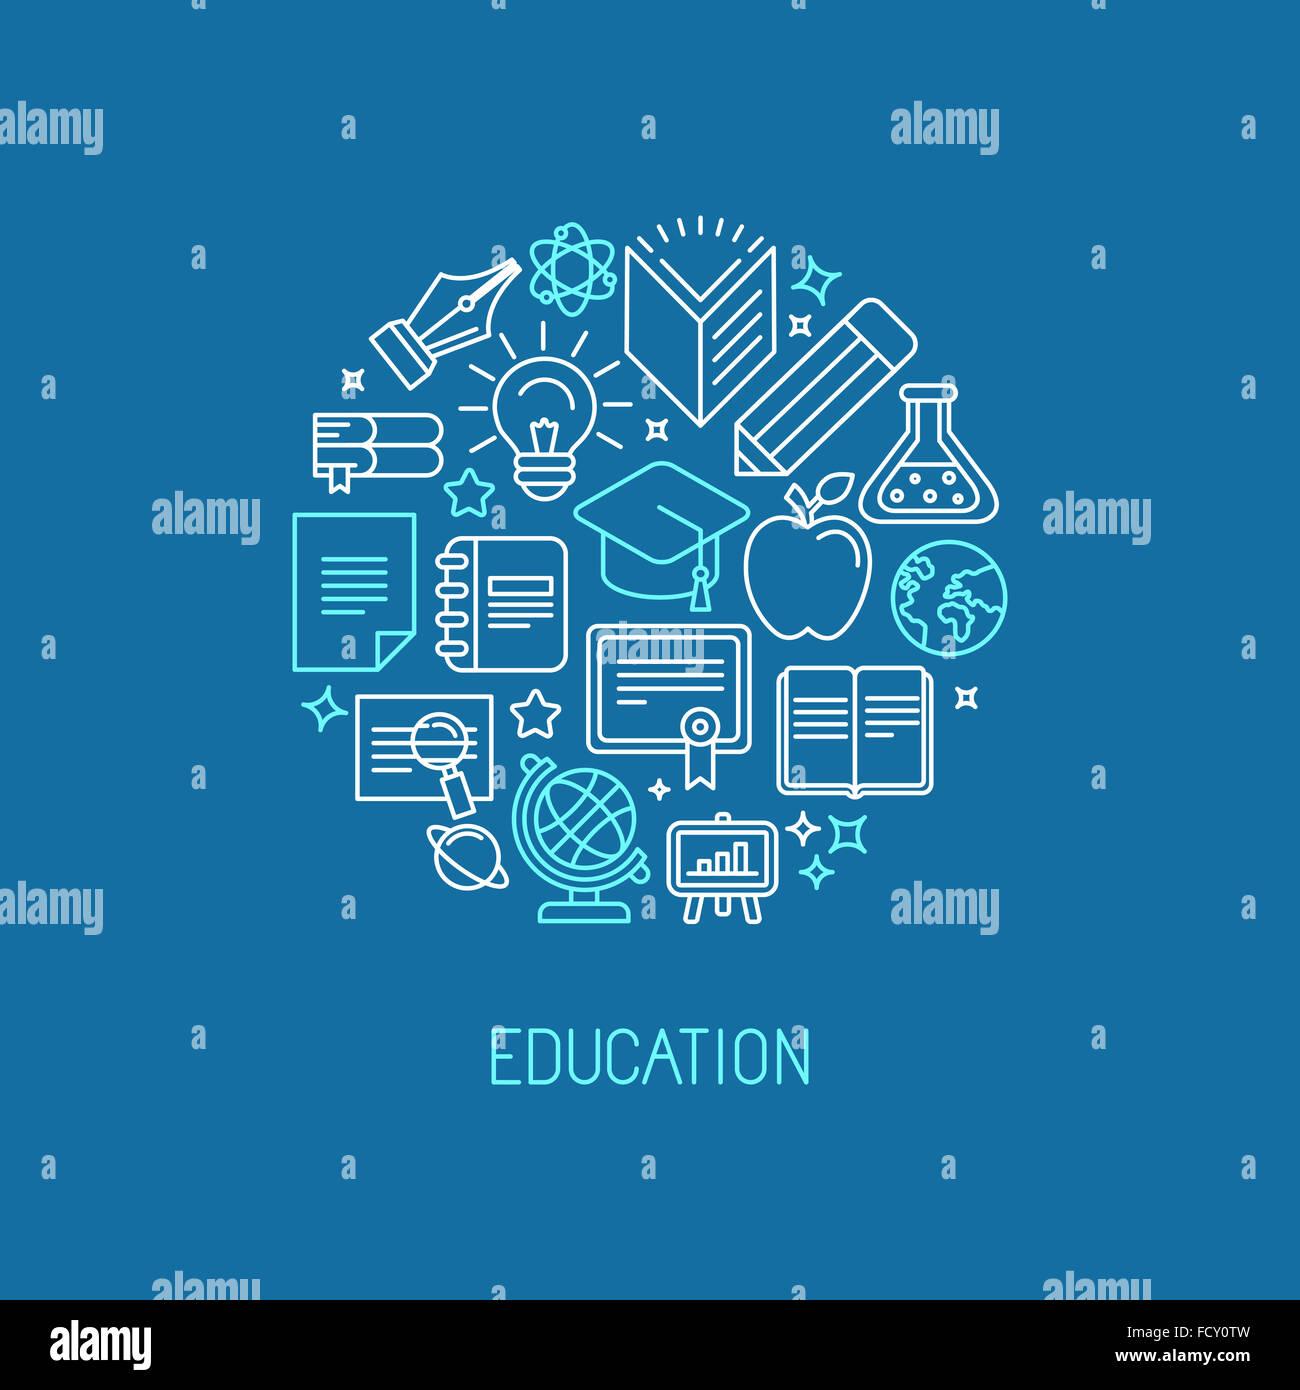 Logo lineare modello di progettazione - educazione on line e il concetto di università nel quartiere alla moda Immagini Stock